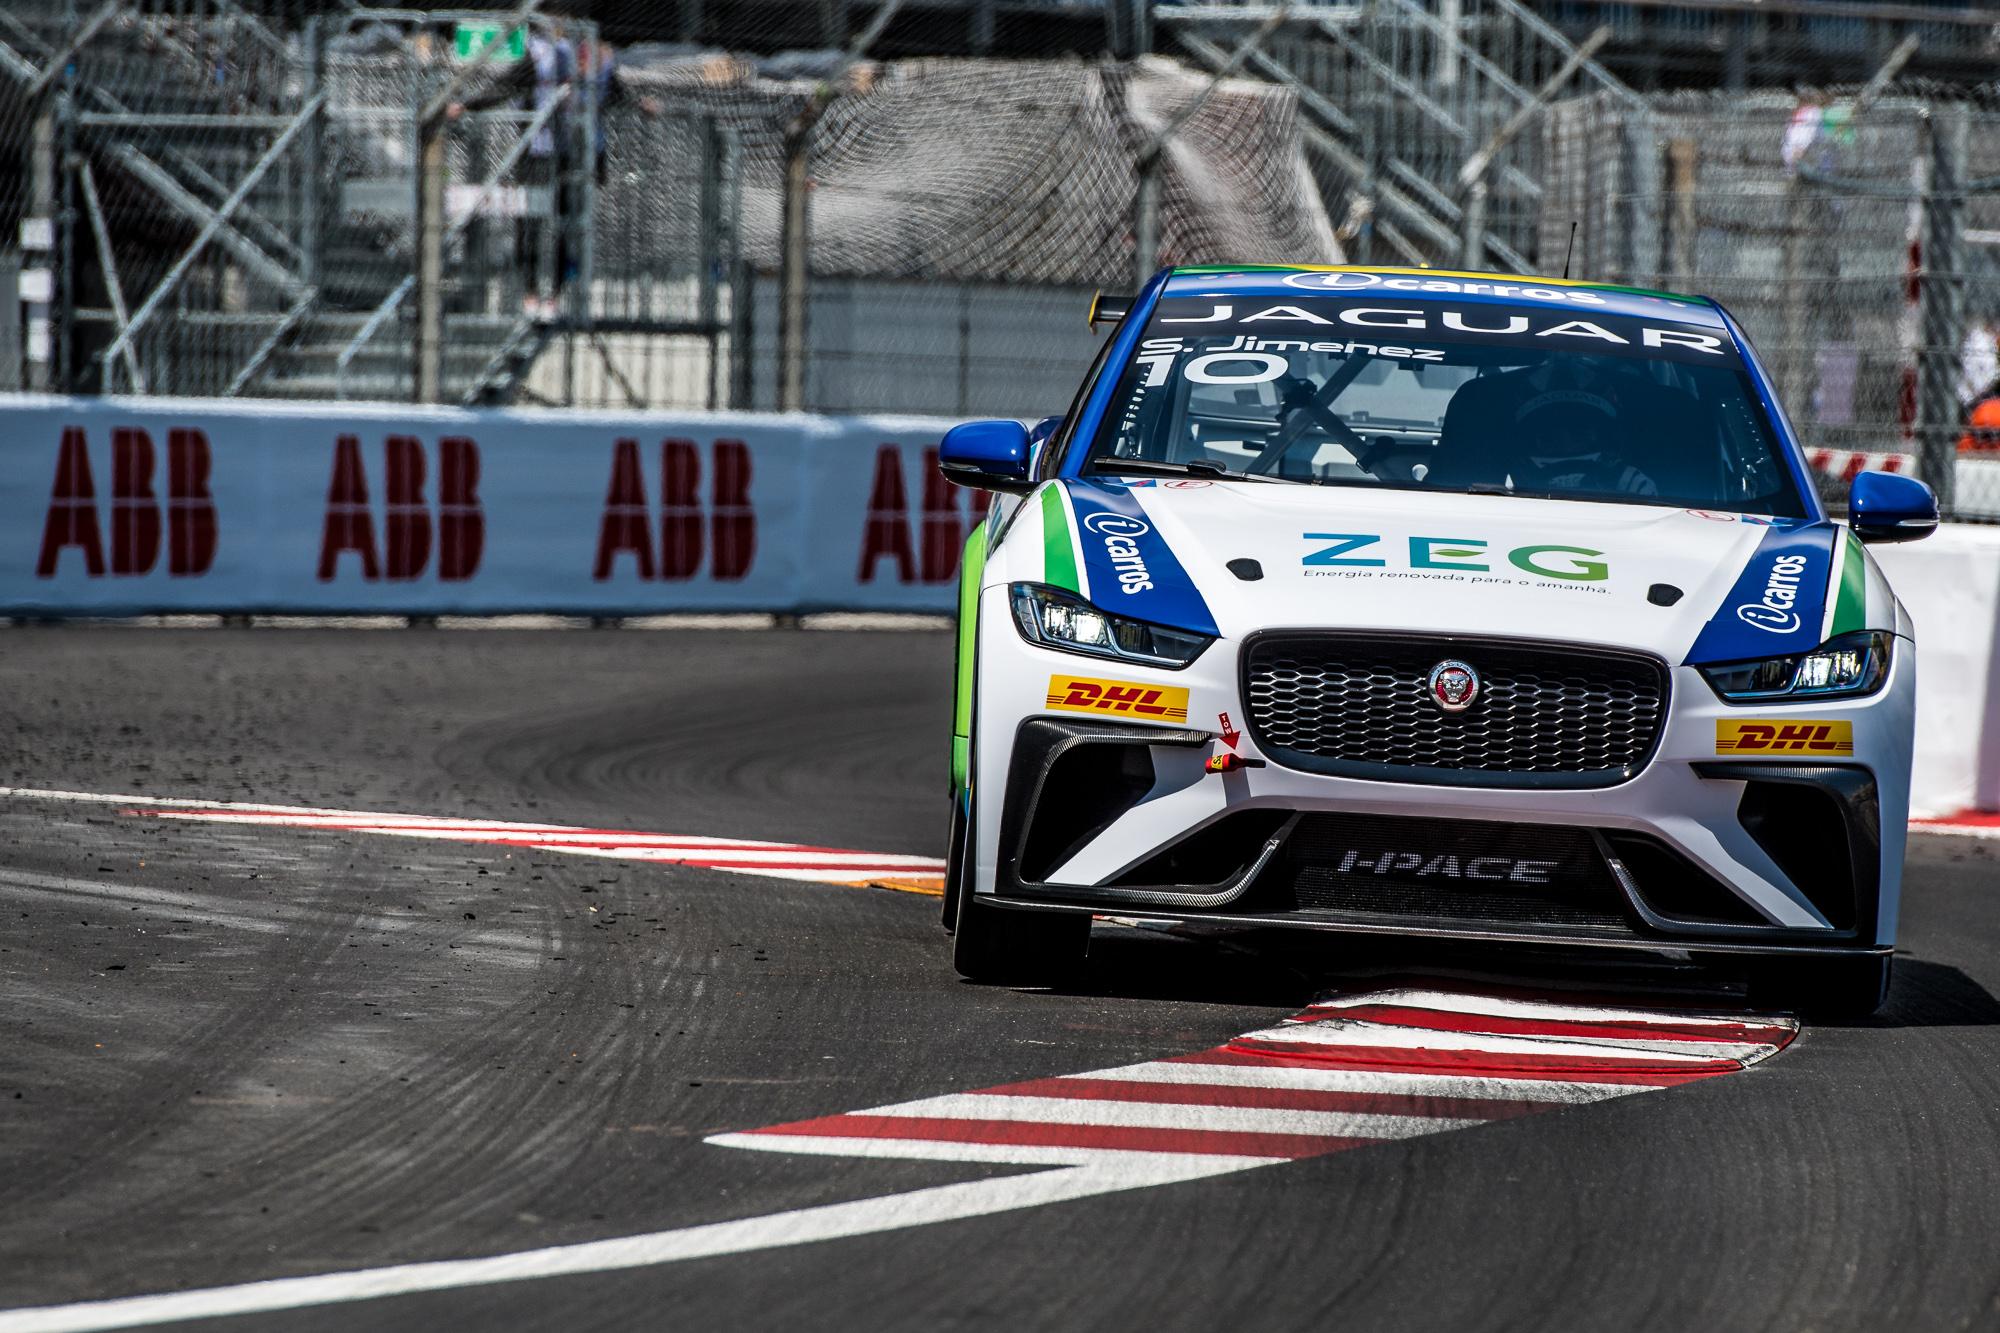 Jaguar_7.Monaco_josemariodias_04006